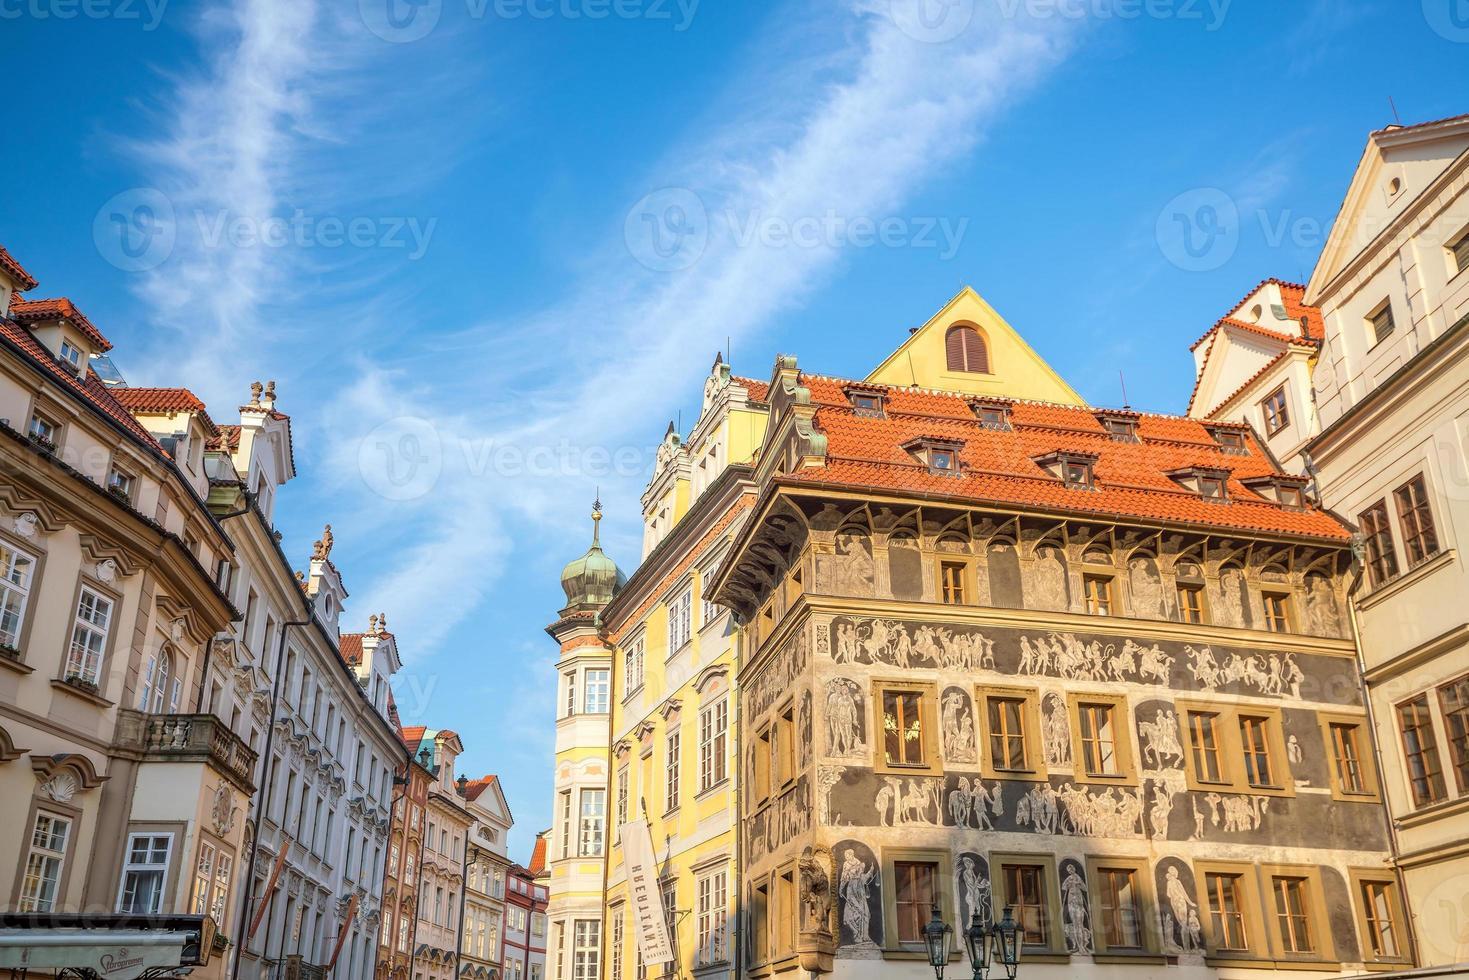 Bâtiments du patrimoine dans la vieille ville de Prague en République tchèque photo